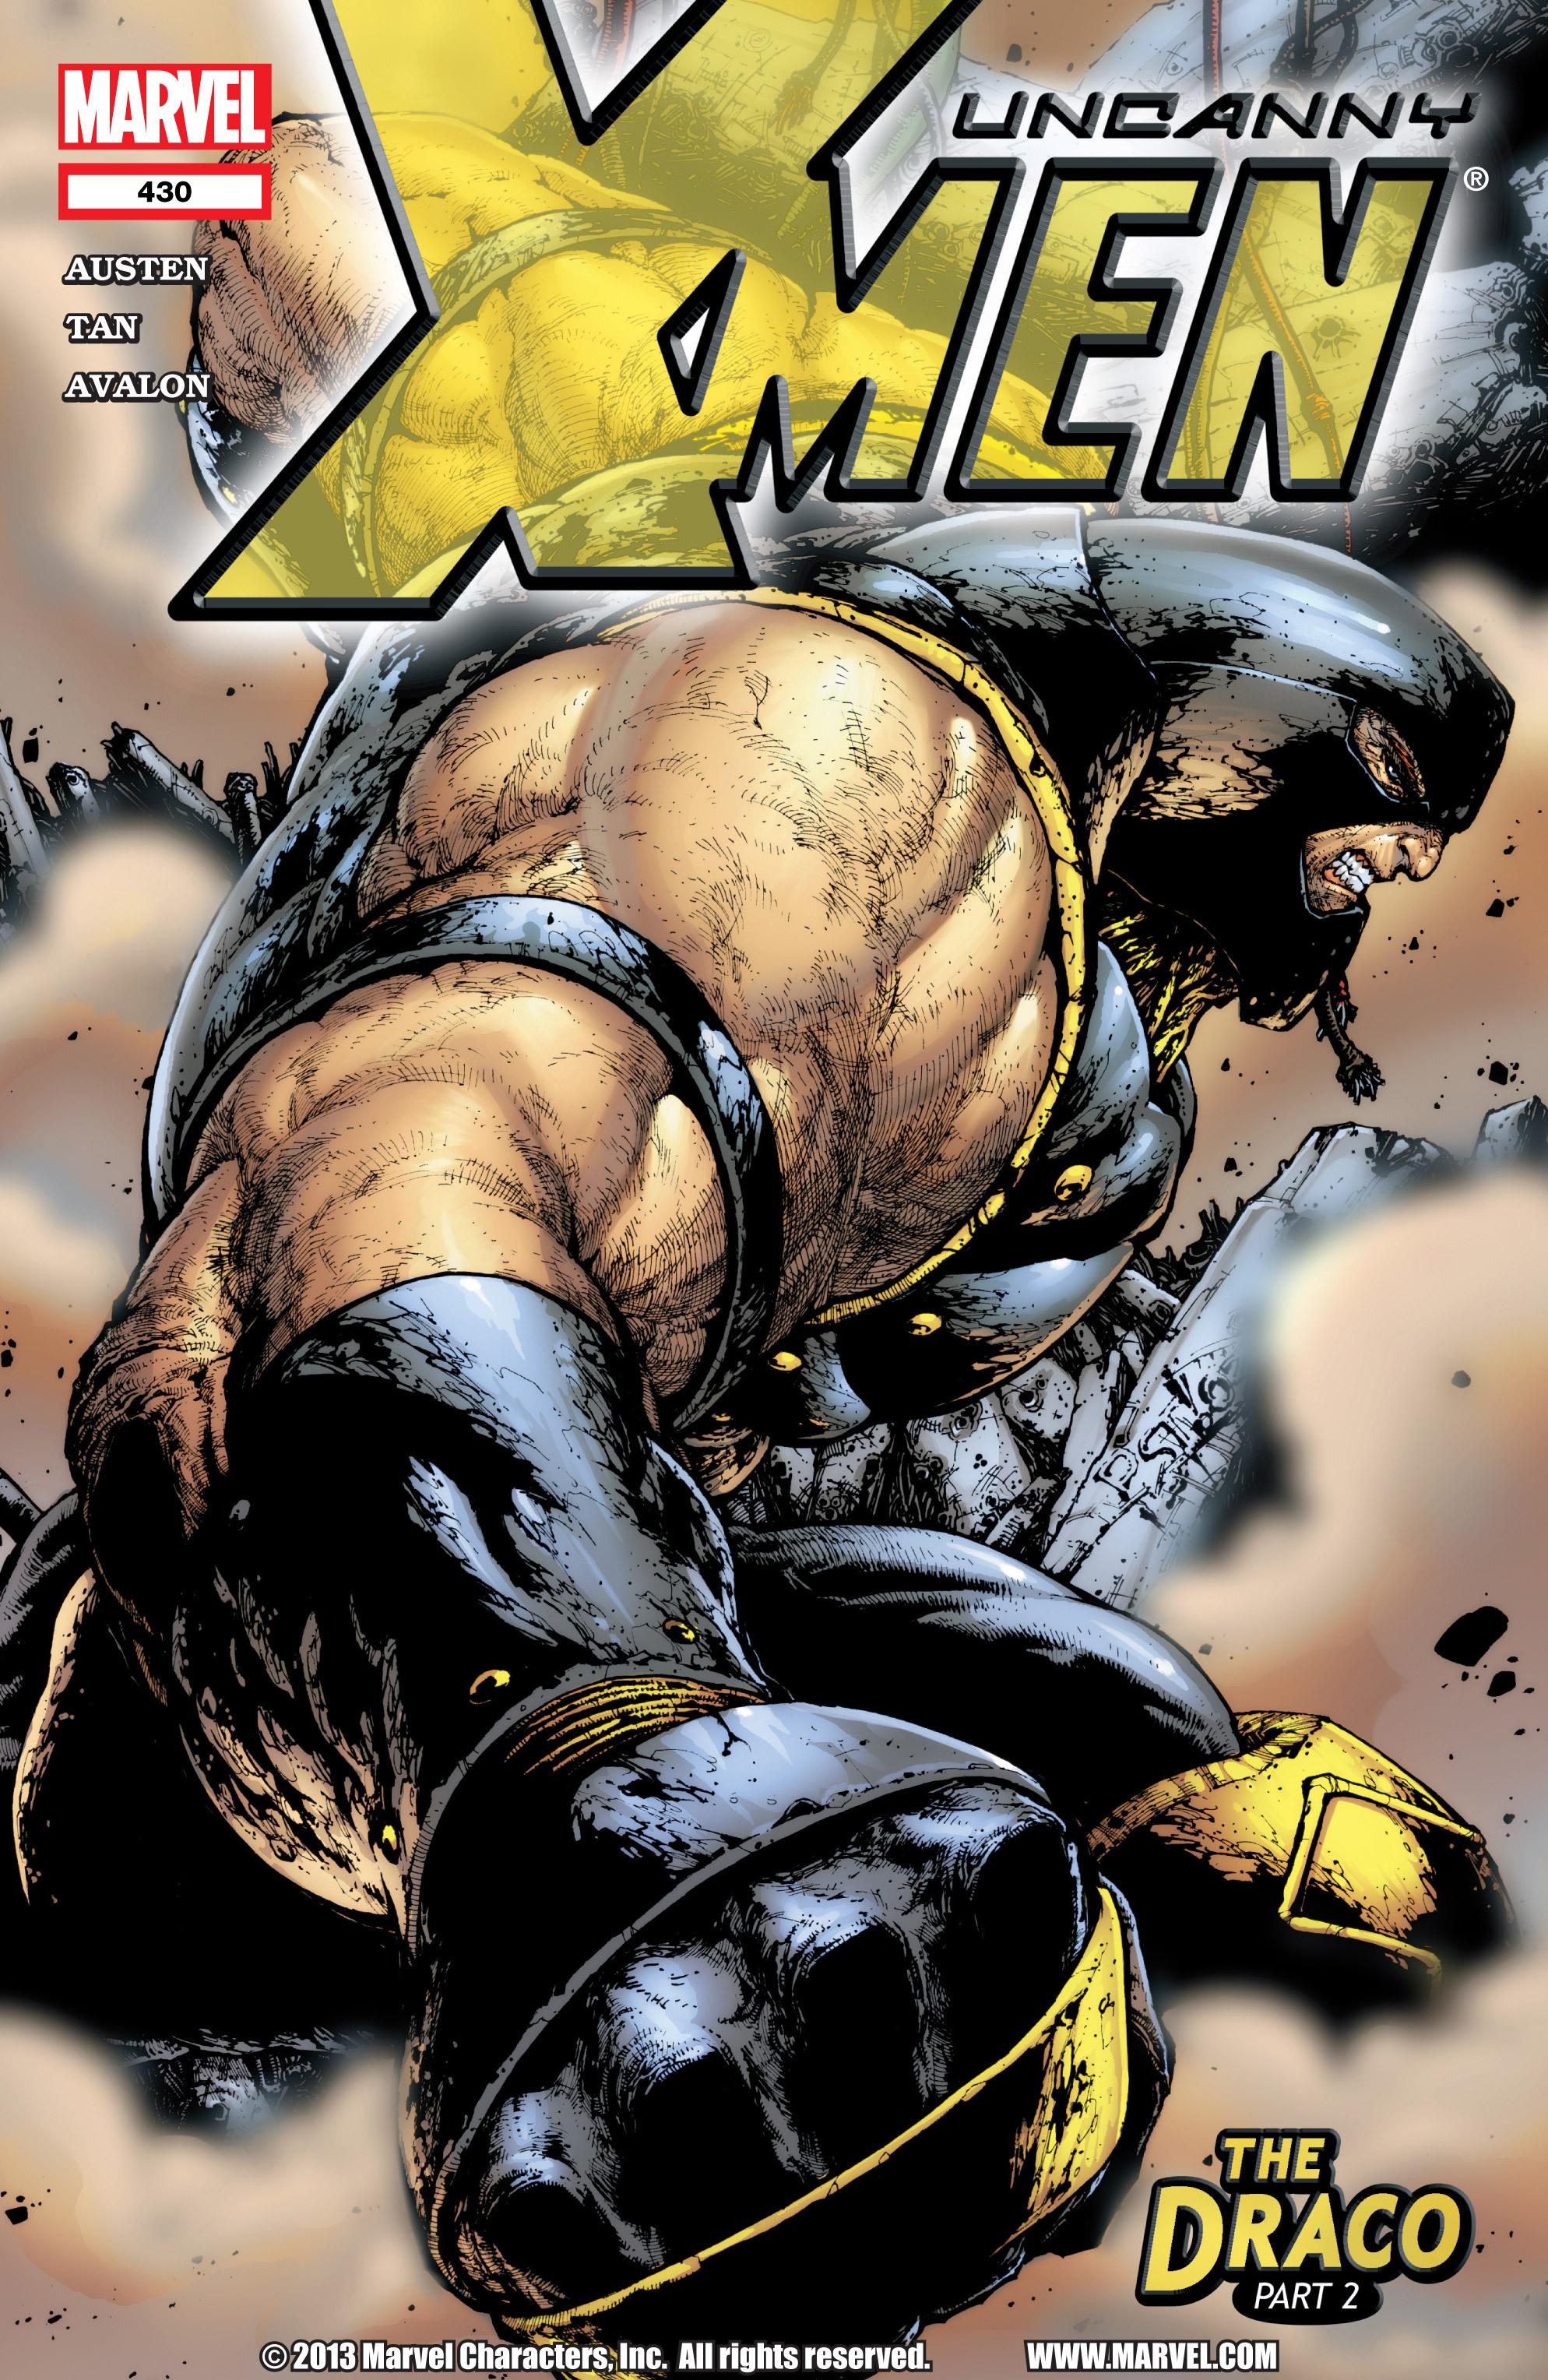 Read online Uncanny X-Men (1963) comic -  Issue #430 - 1